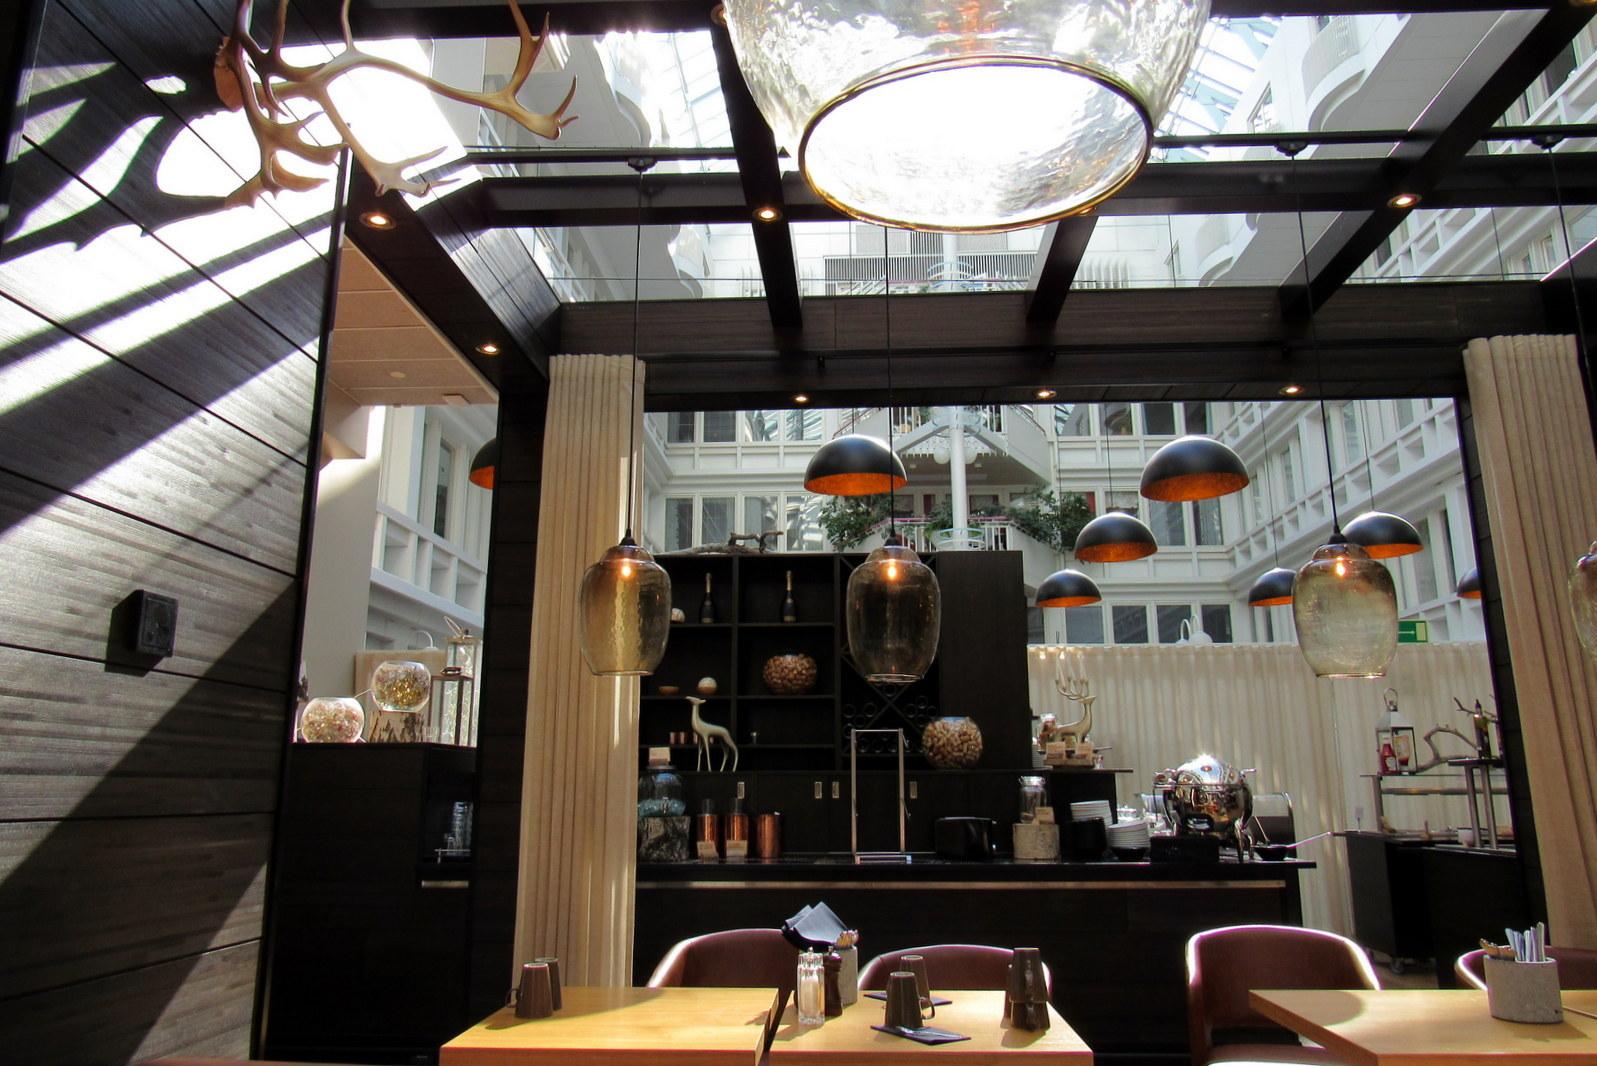 lapland-hotel-oulu-ravintola